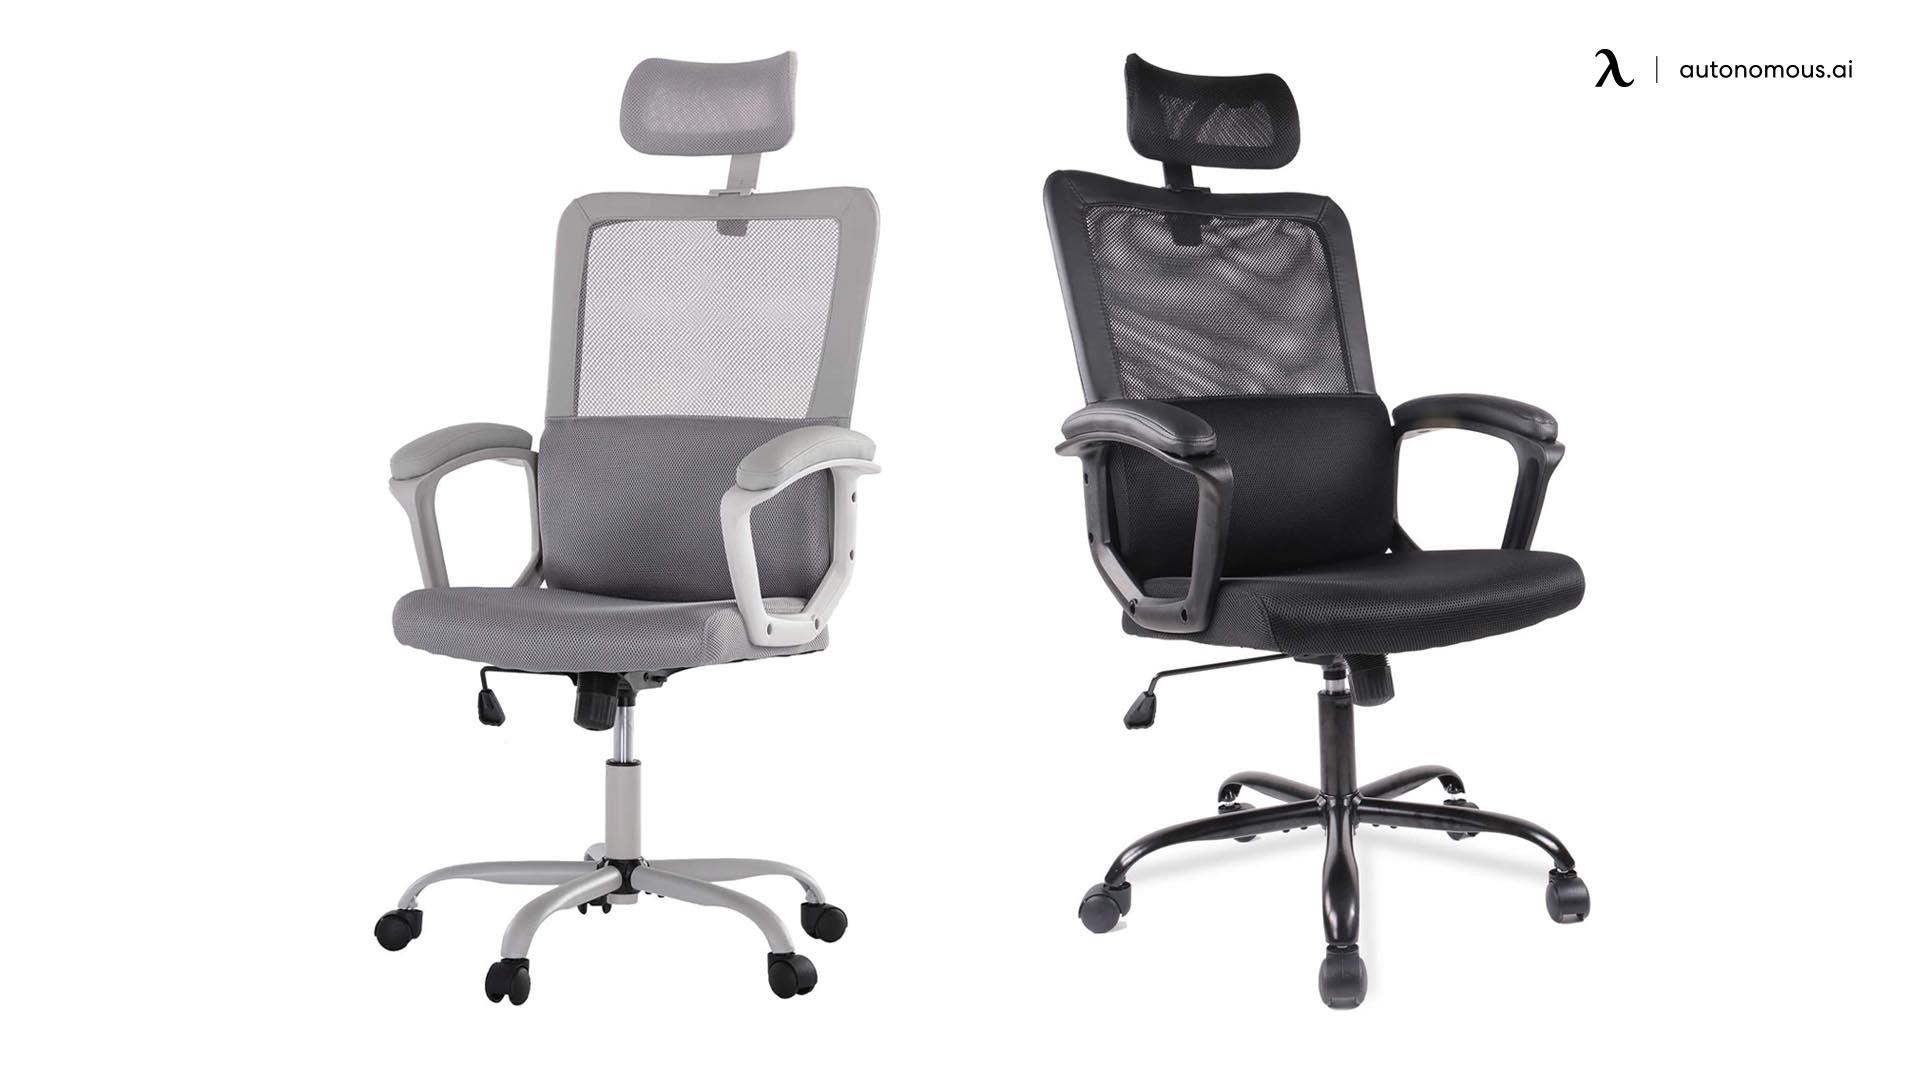 Smugdesk Ergonomic Chair